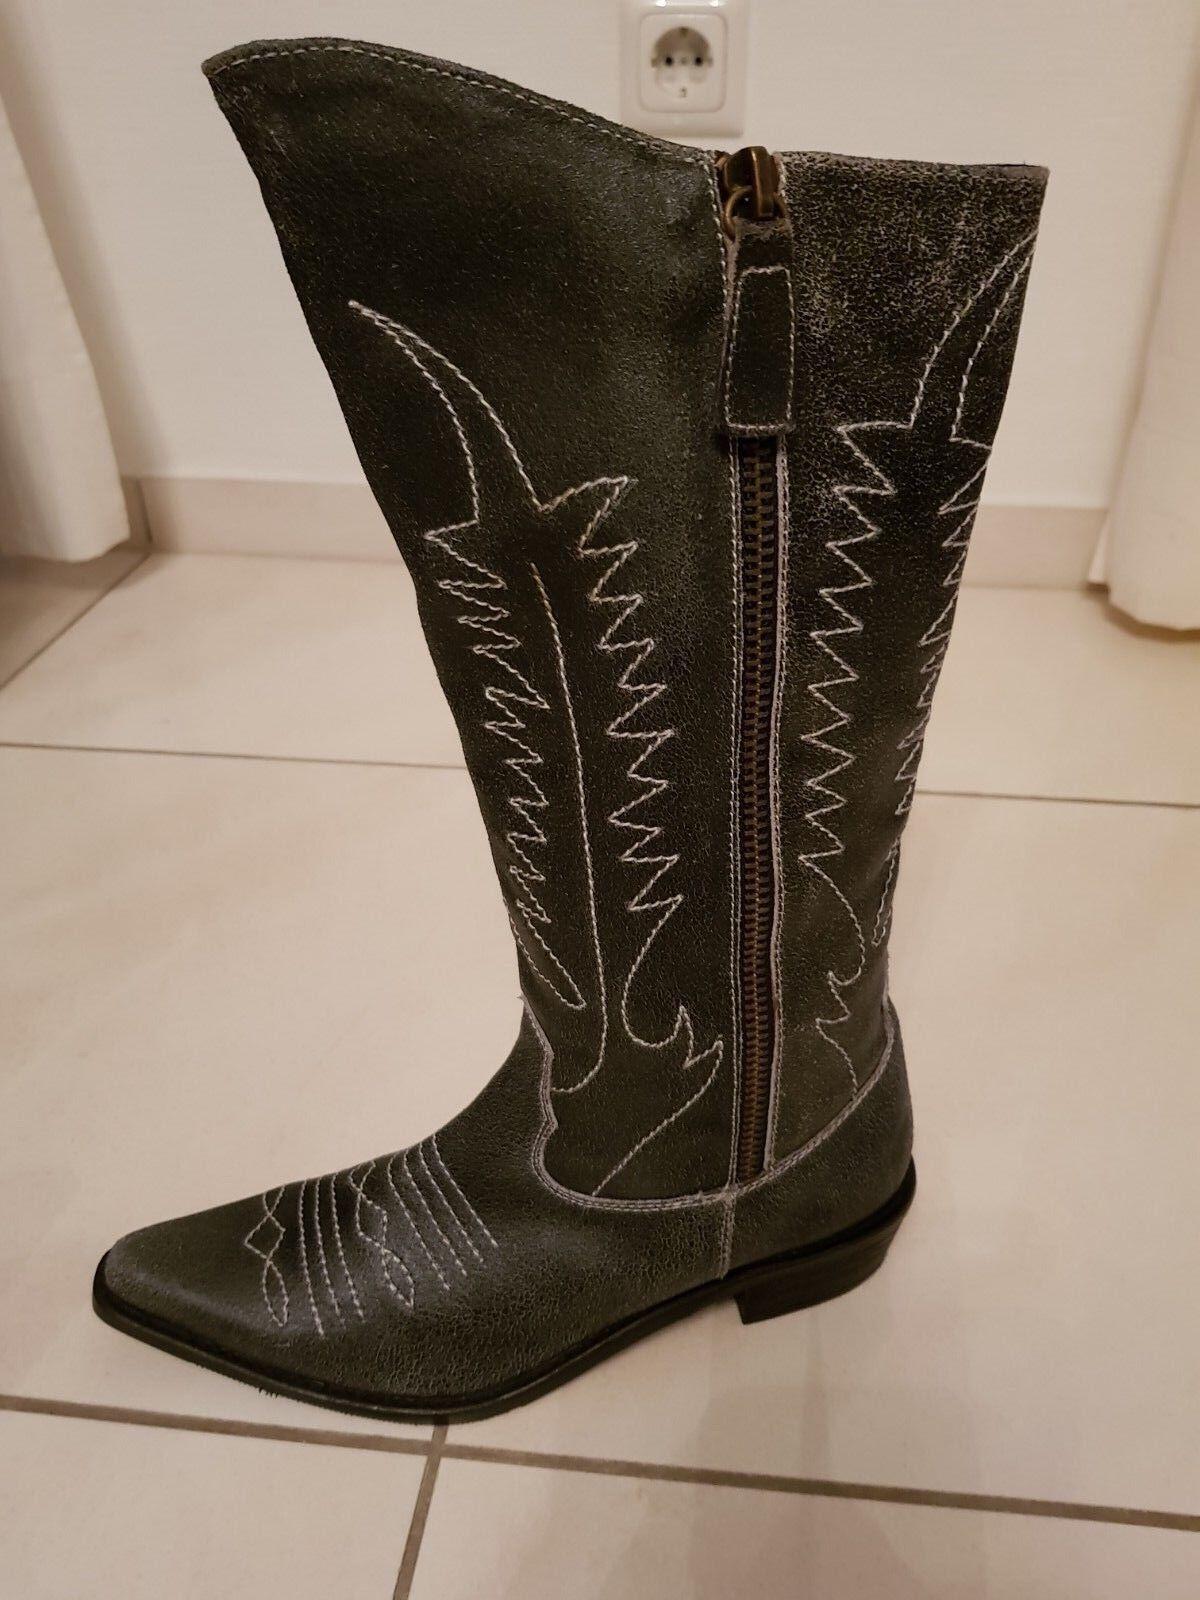 Original My Favourites Westernstiefel Cowboystiefel Cowboystiefel Cowboystiefel Stiefel Leder Gr. 37 NEU wild    Up-to-date-styling    Niedriger Preis und gute Qualität  2b1505